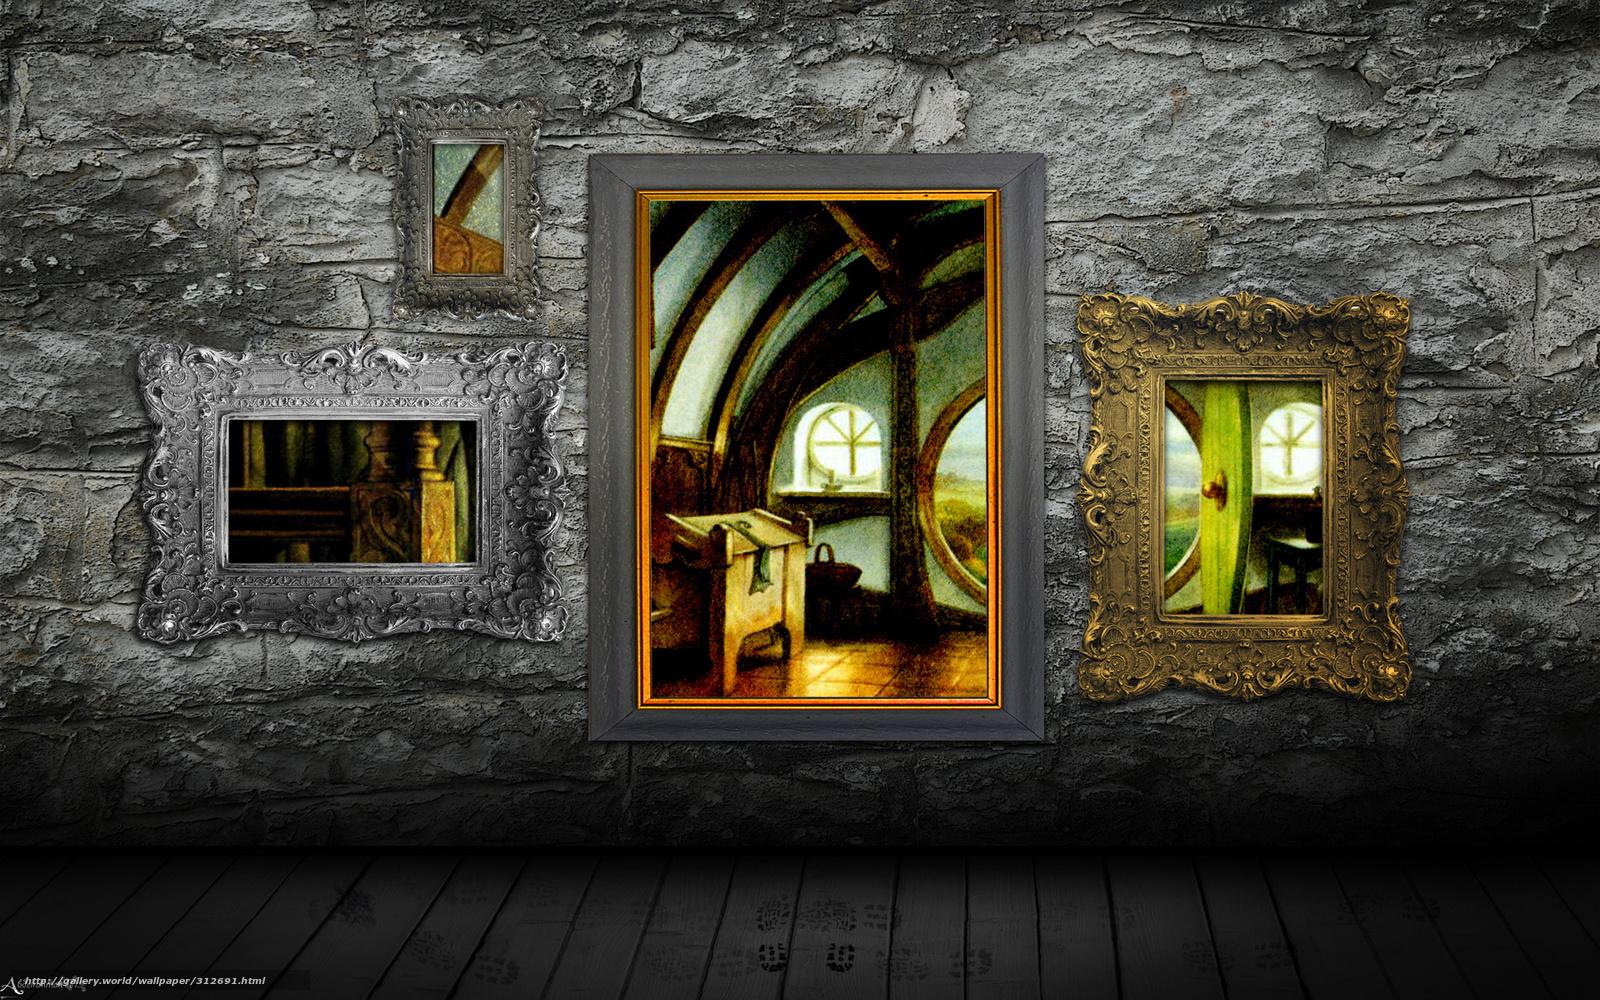 Tlcharger fond d 39 ecran ciment mur cadre fonds d 39 ecran for Cadre photo fond ecran